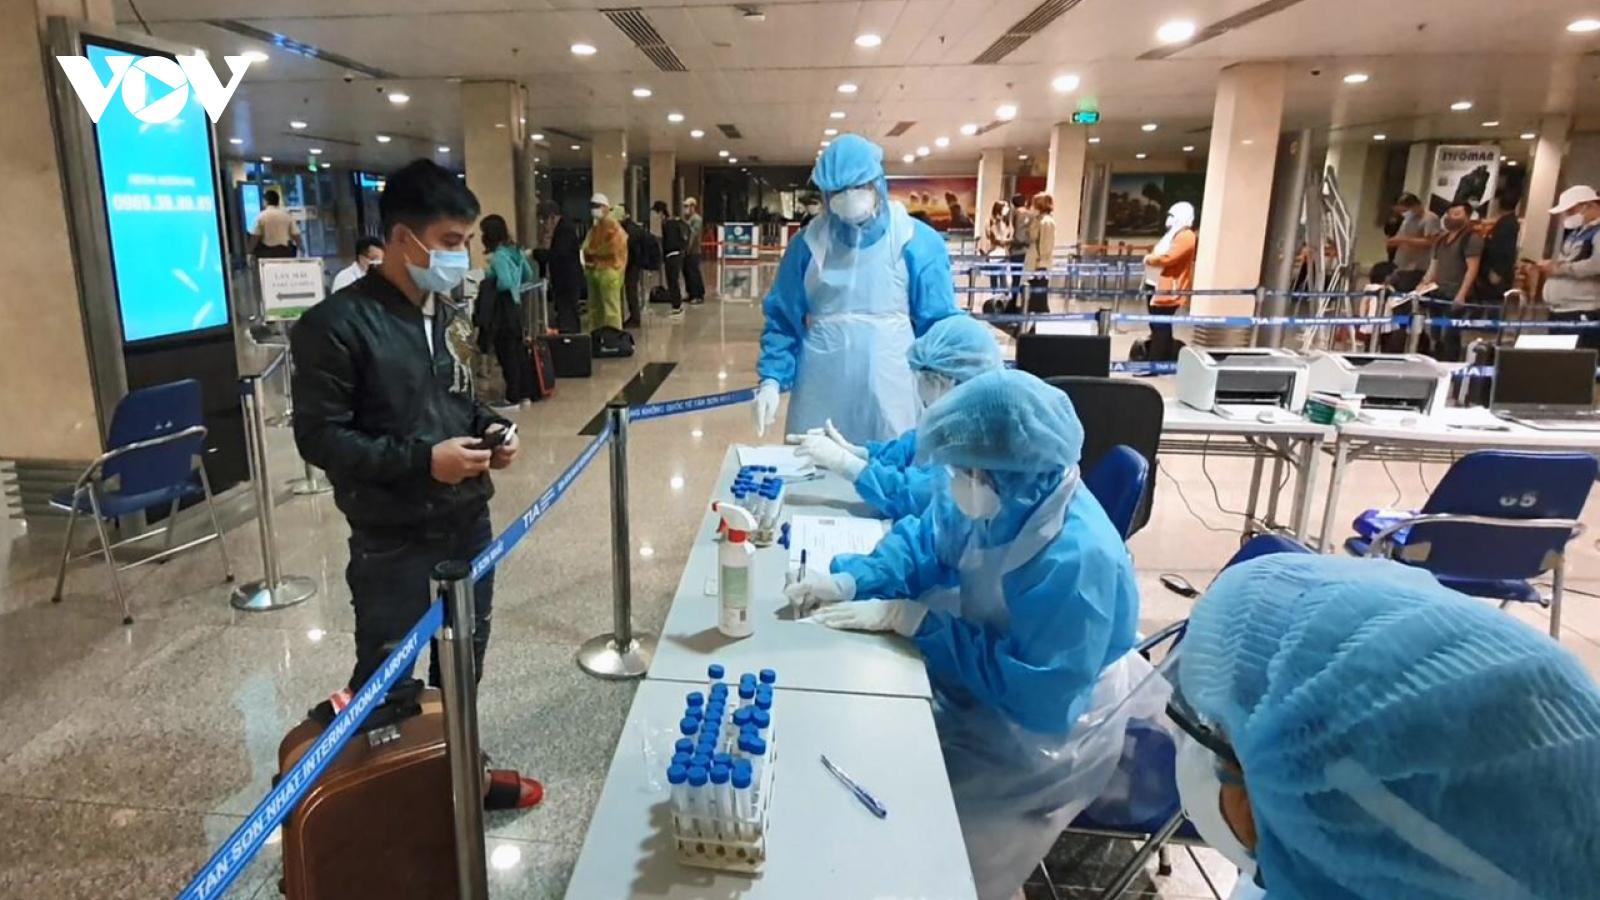 Sân bay Tân Sơn Nhất nhận chứng chỉ quốc tế về phòng chống Covid-19